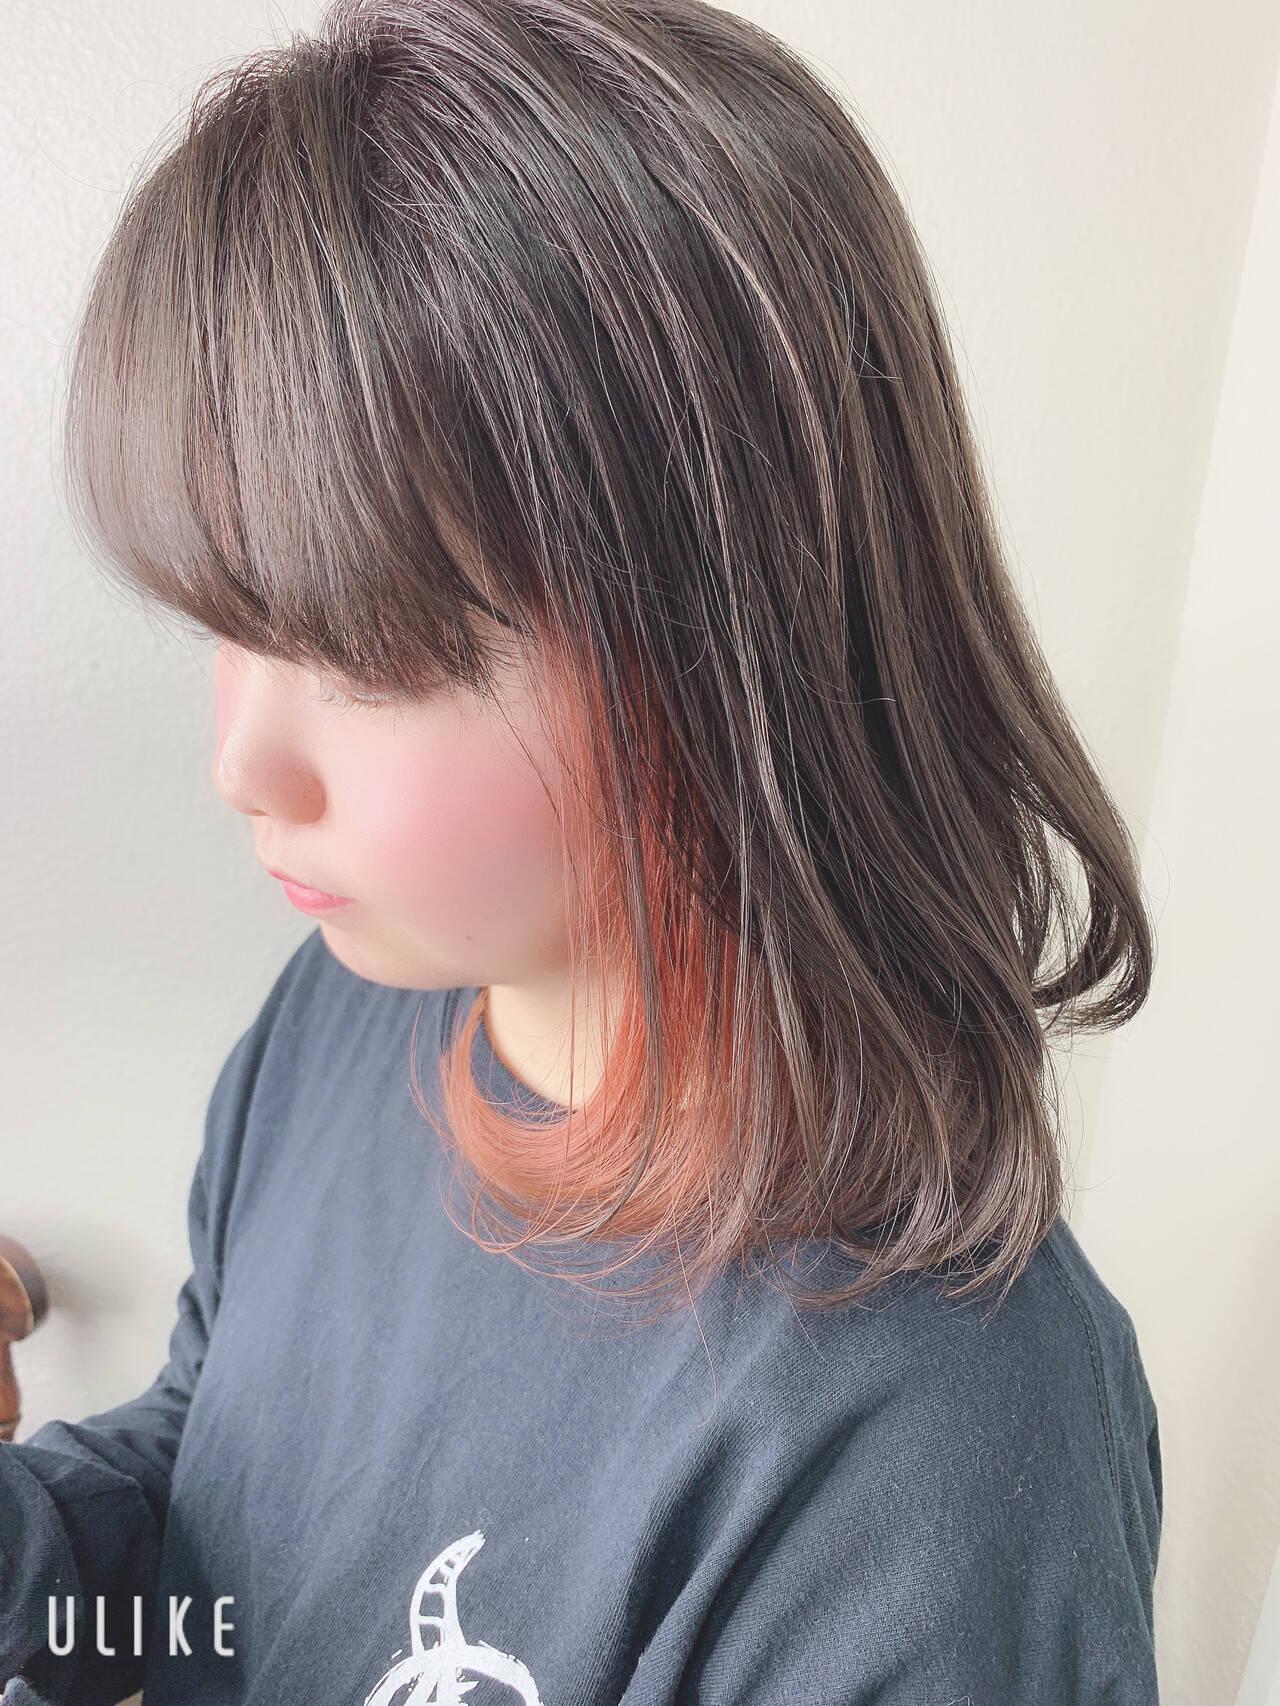 ガーリー インナーカラーオレンジ ミルクティーベージュ ボブヘアスタイルや髪型の写真・画像